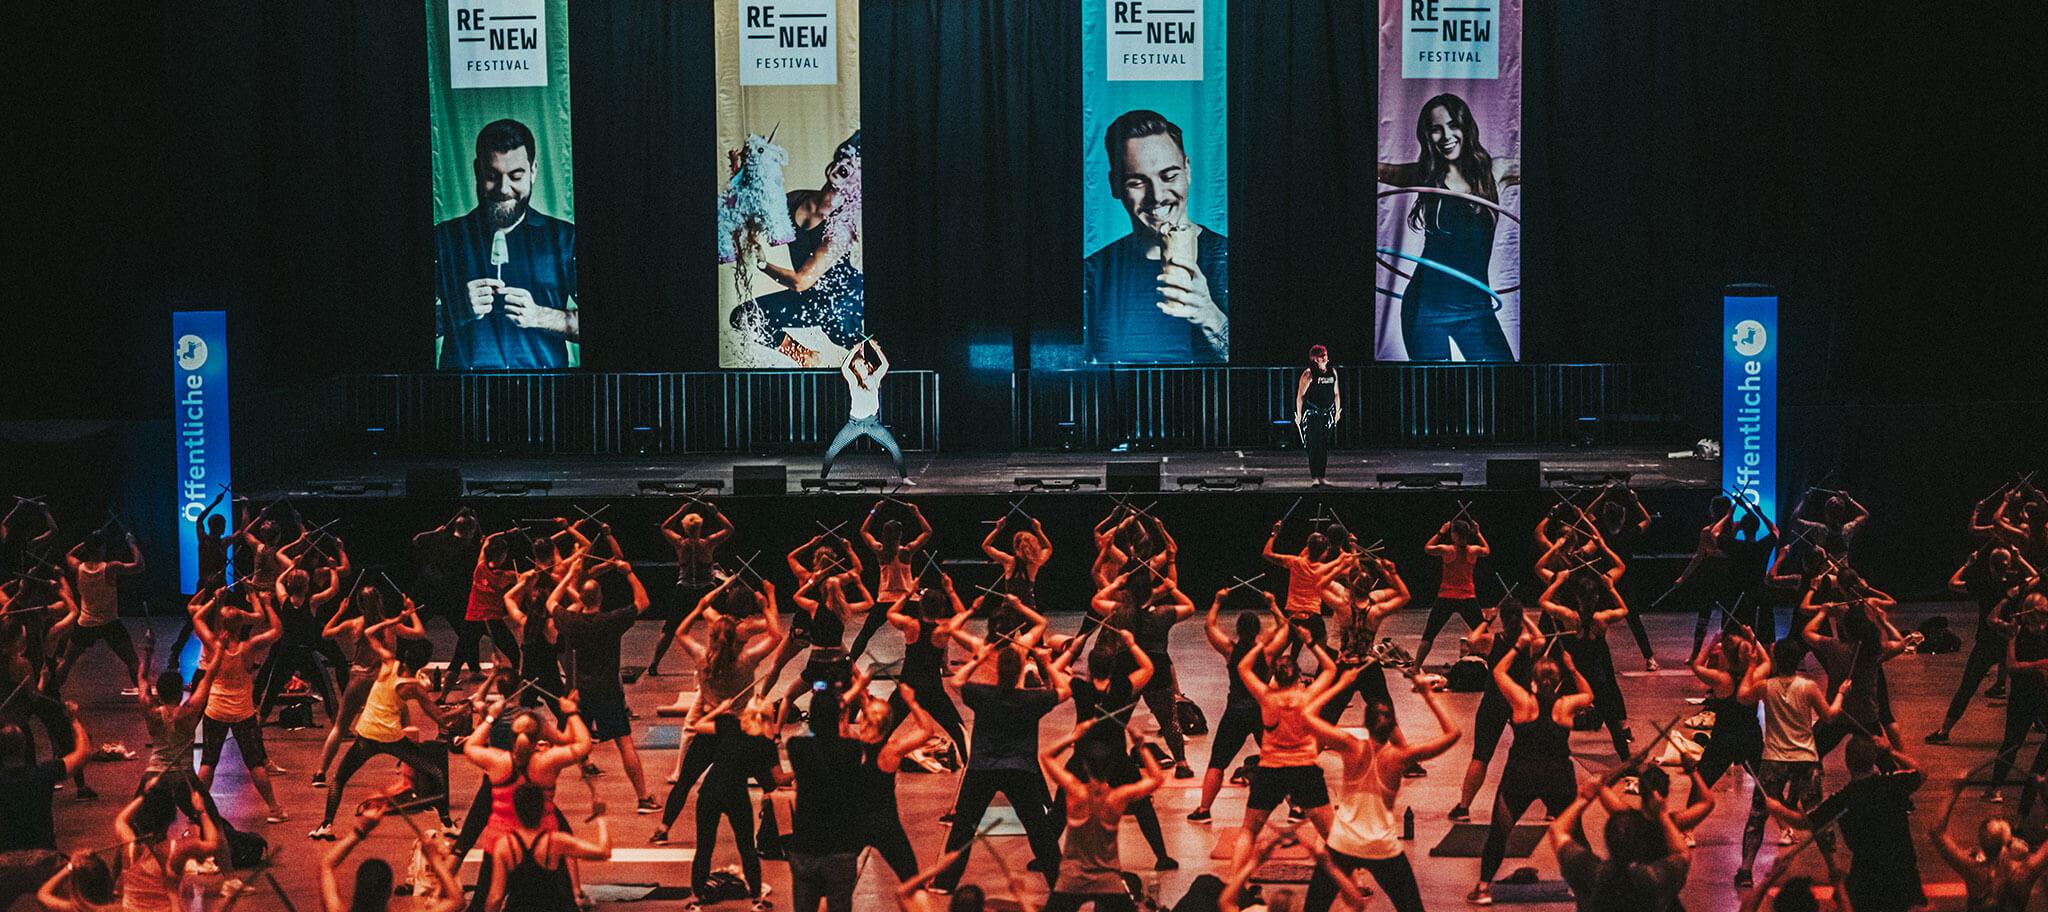 ReNew Indoor Veranstaltung beim Fitness Festival